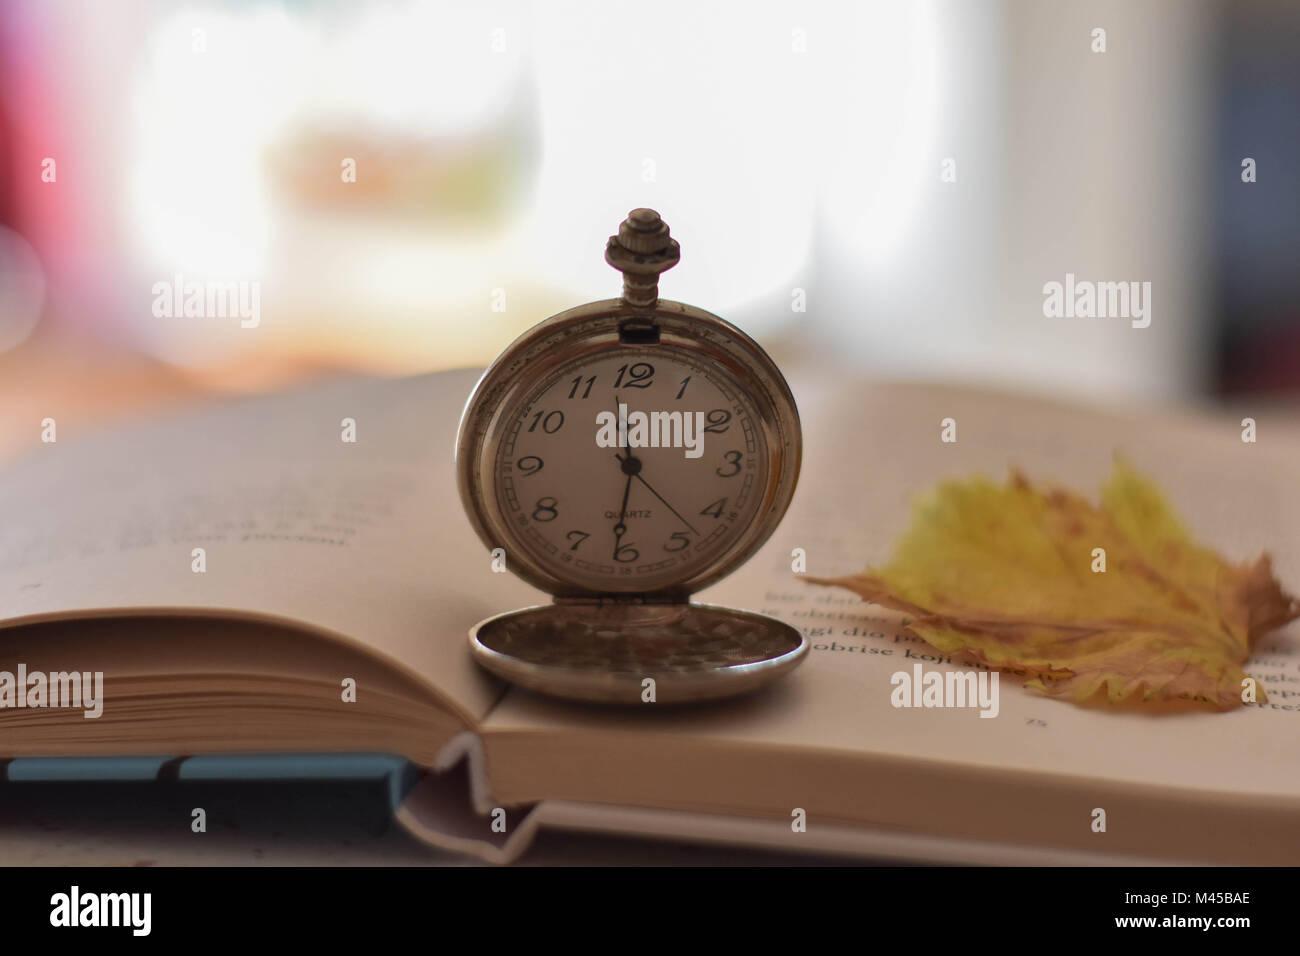 Ancienne montre de poche et livre ouvert sur la table/ Dimanche reposant et still life concept. Focus sélectif. Photo Stock